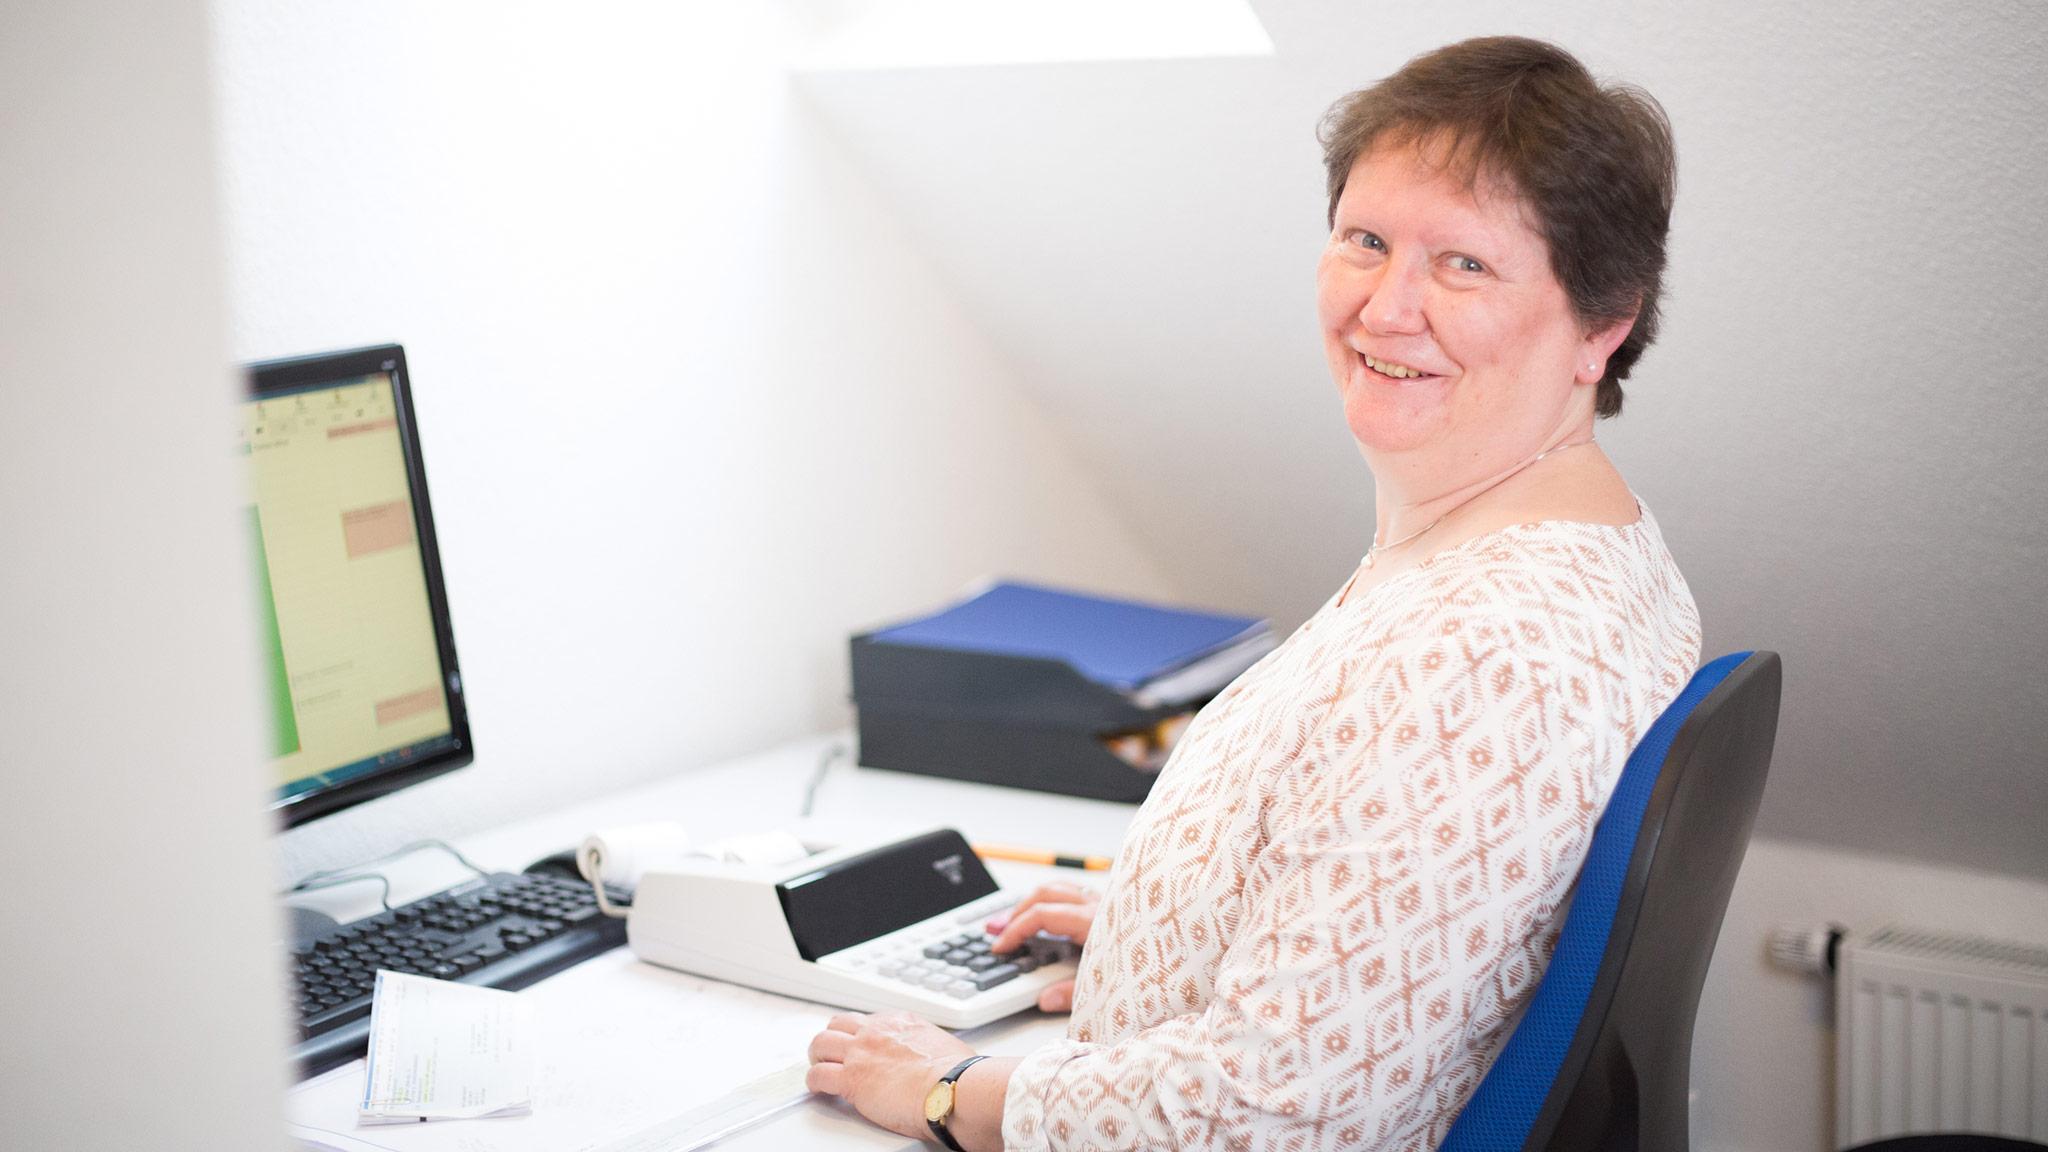 Karin Bielawski - Finanz- und Personalbuchhalterin